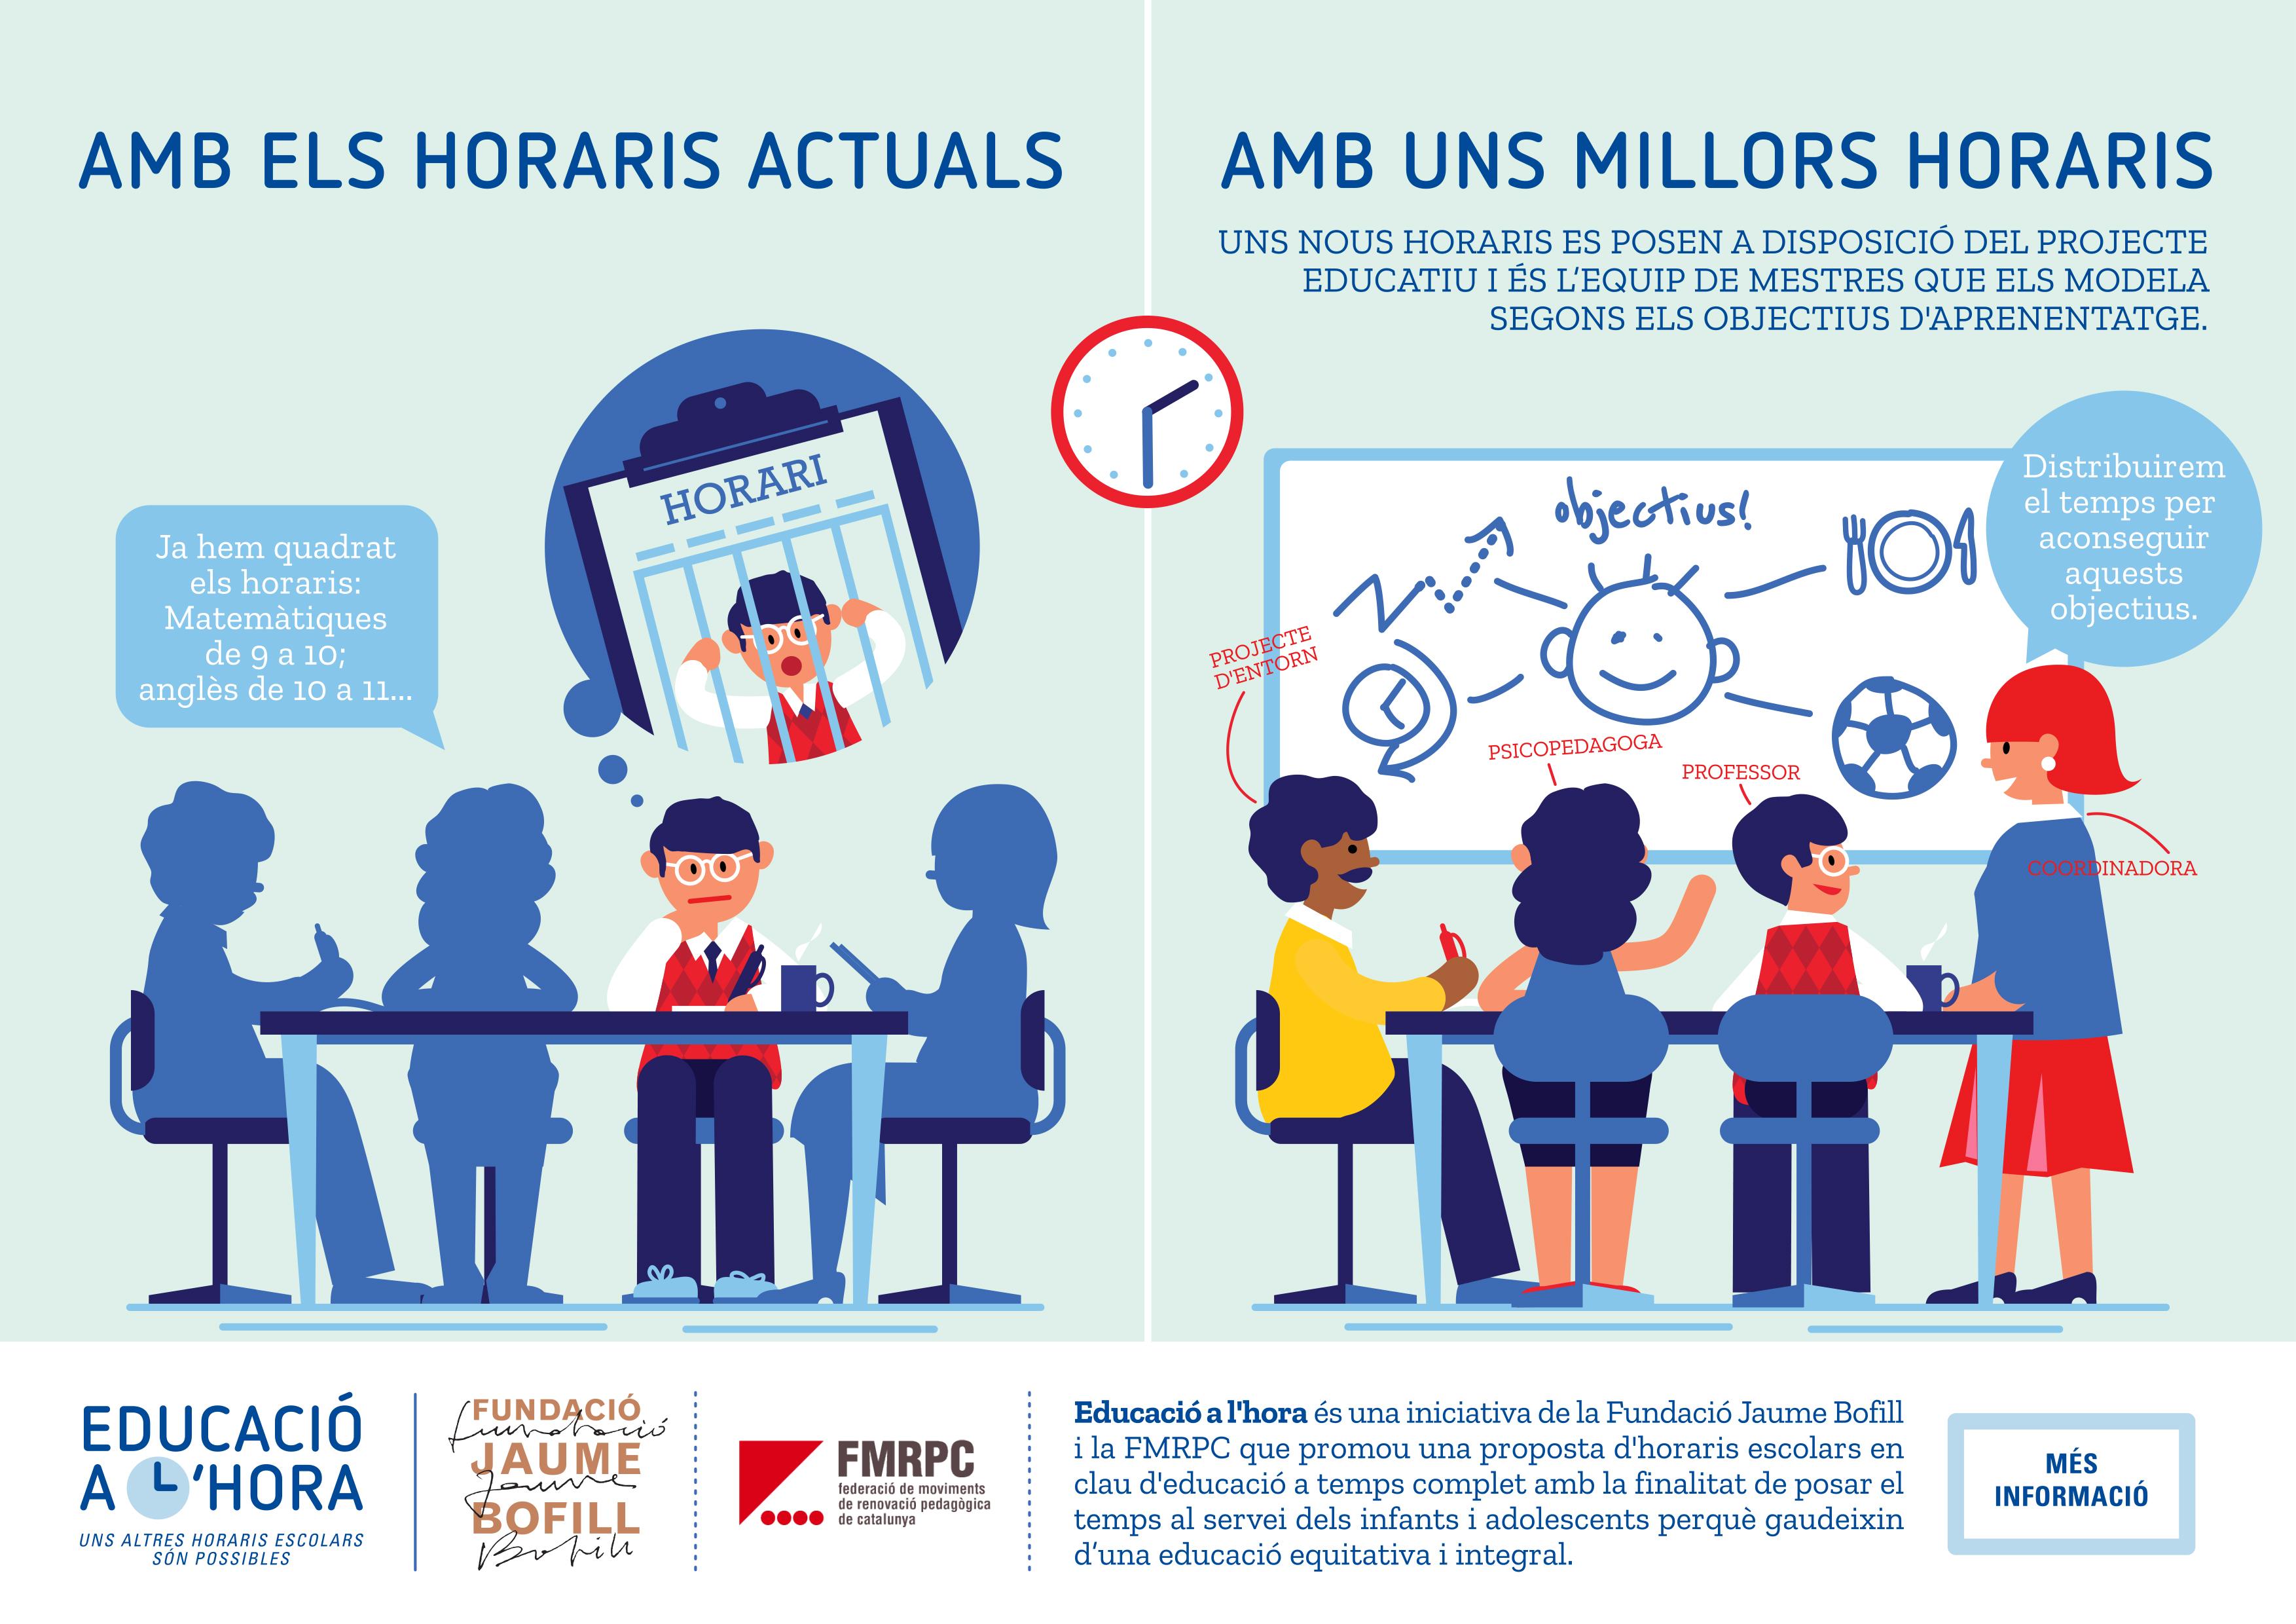 7educacioalhora_projecte_educatiu_030719_0.jpg